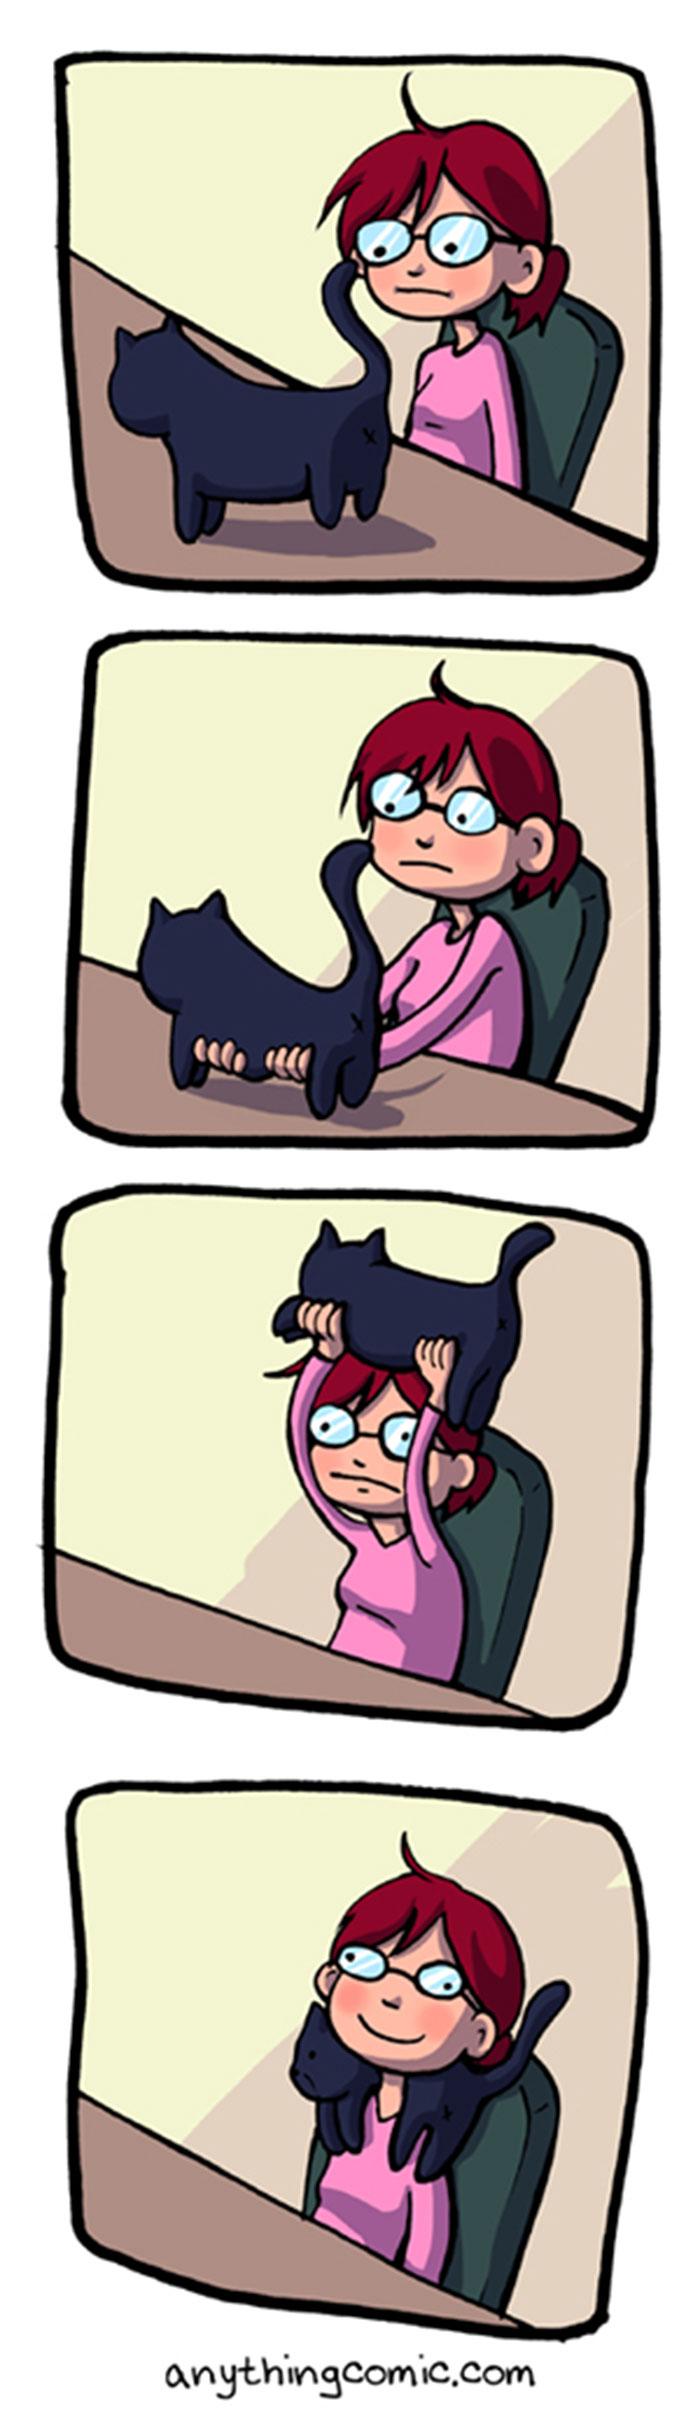 19-ilustraciones-detallan-como-es-vivir-con-gatos-5